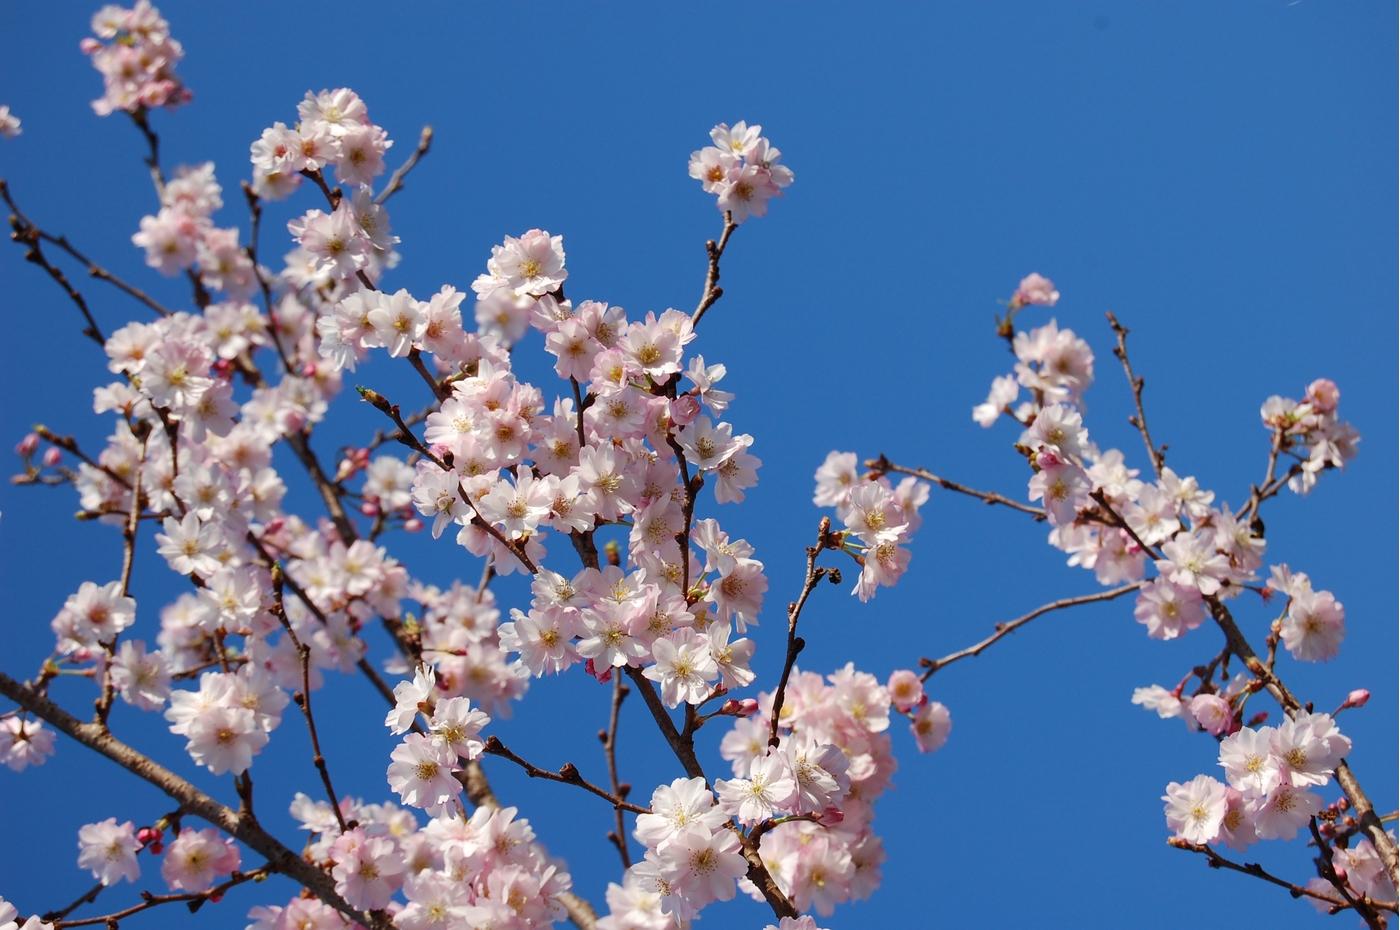 Calicanto Fiore D Inverno azione - settimanale di migros ticino il ciliegio che